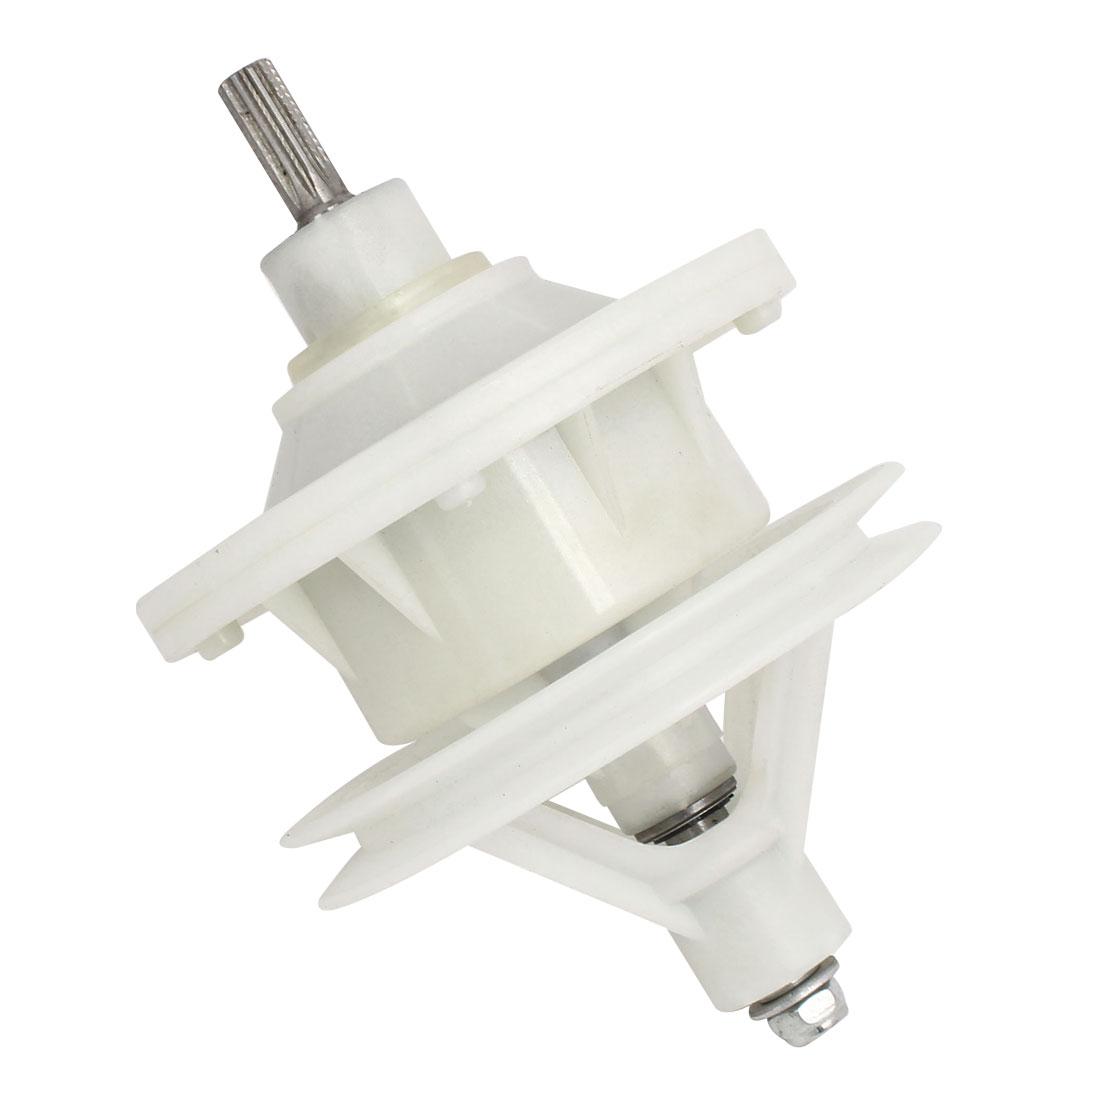 30mm Shaft Washing Machine Transmission 10 Splines Shaft 4 Hole Base 130mmx190mm